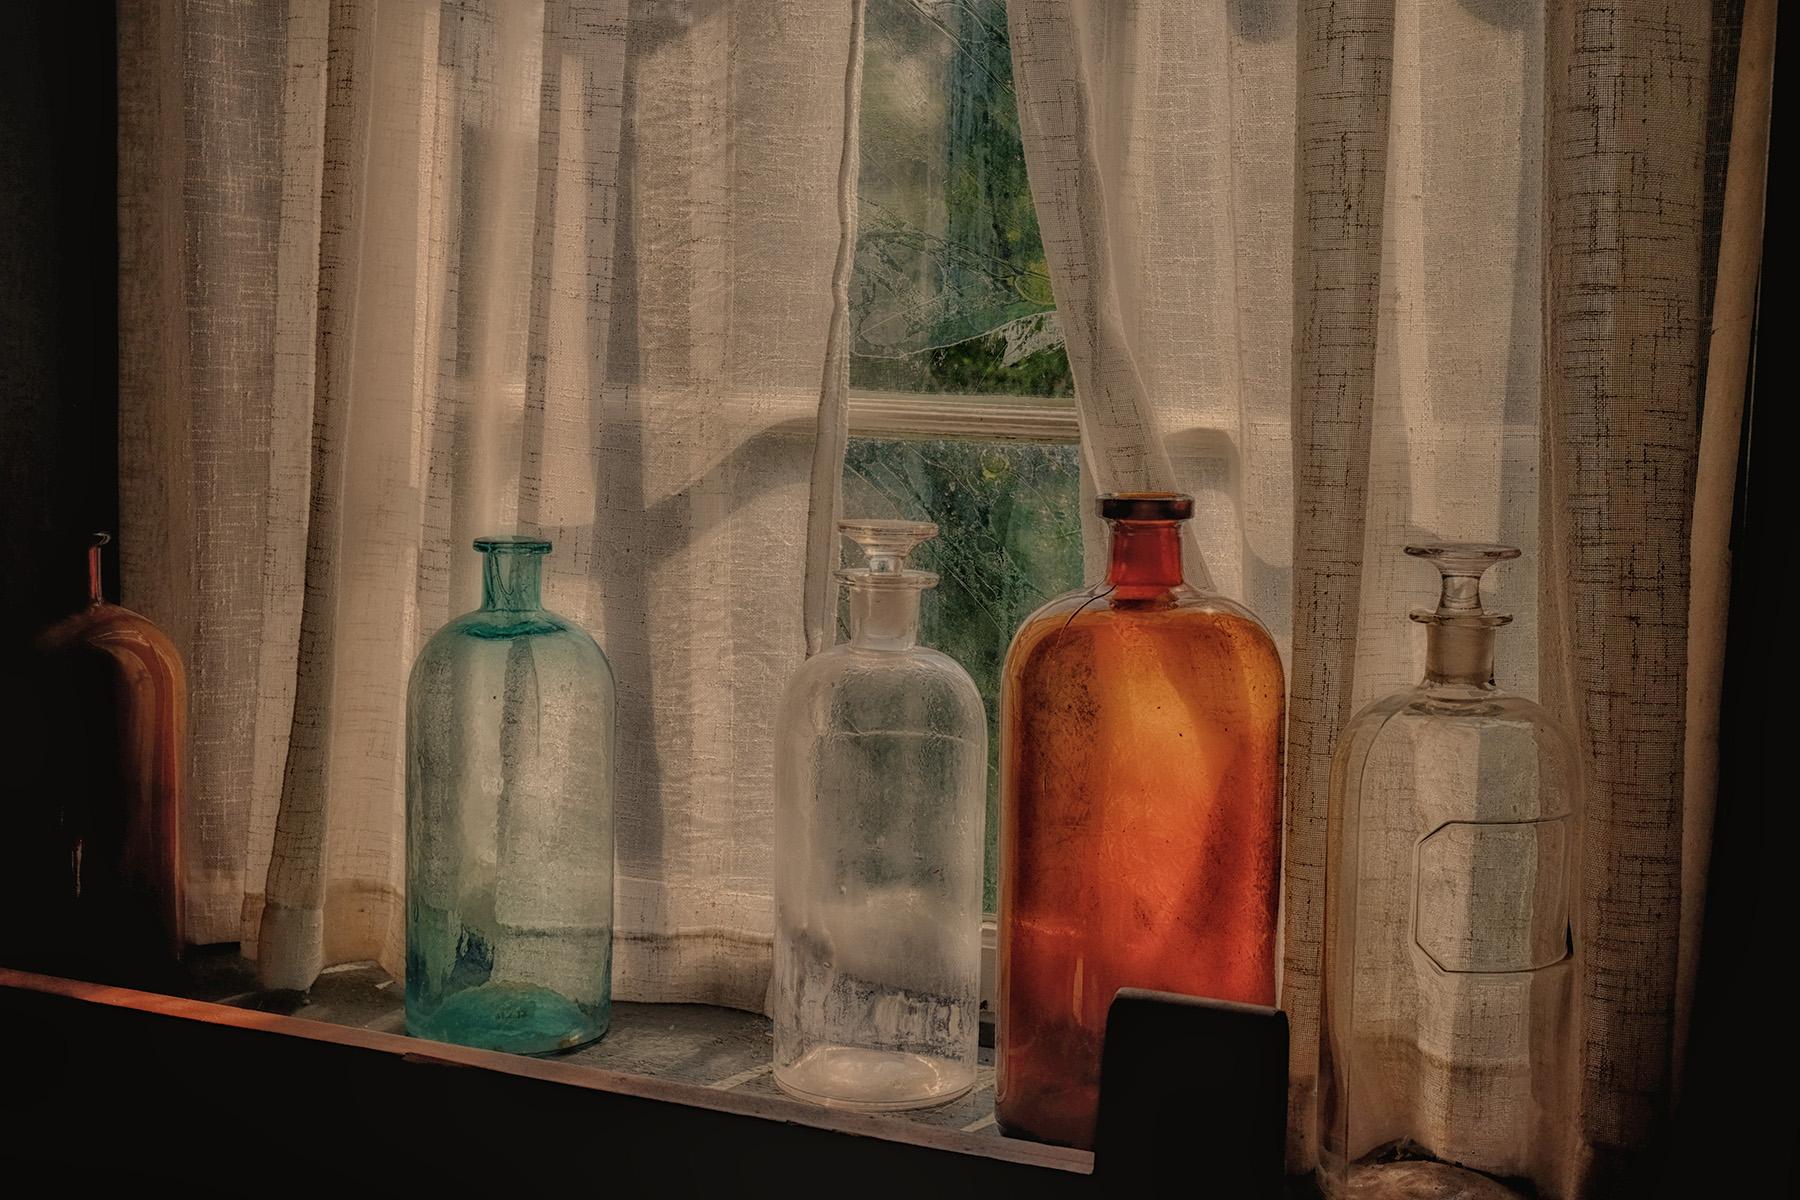 Bottles in window shaker village kentucky x t1 18 55 for 1800 x 1200 window